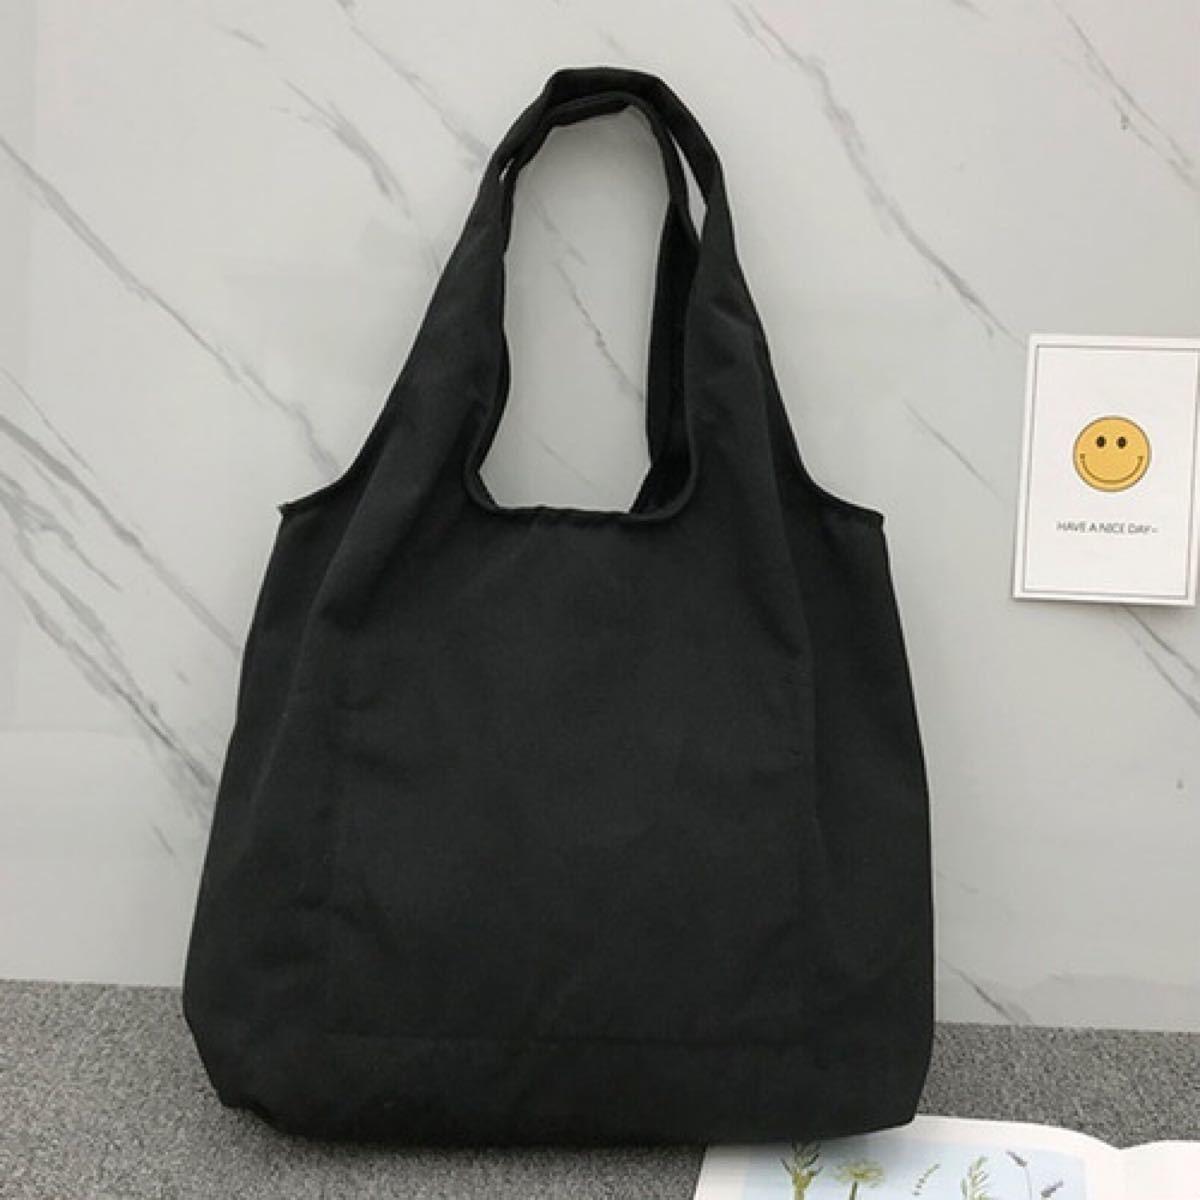 ロゴトートバッグ エコバッグ バッグ トートバッグ 韓国 通勤 通学 ブラック